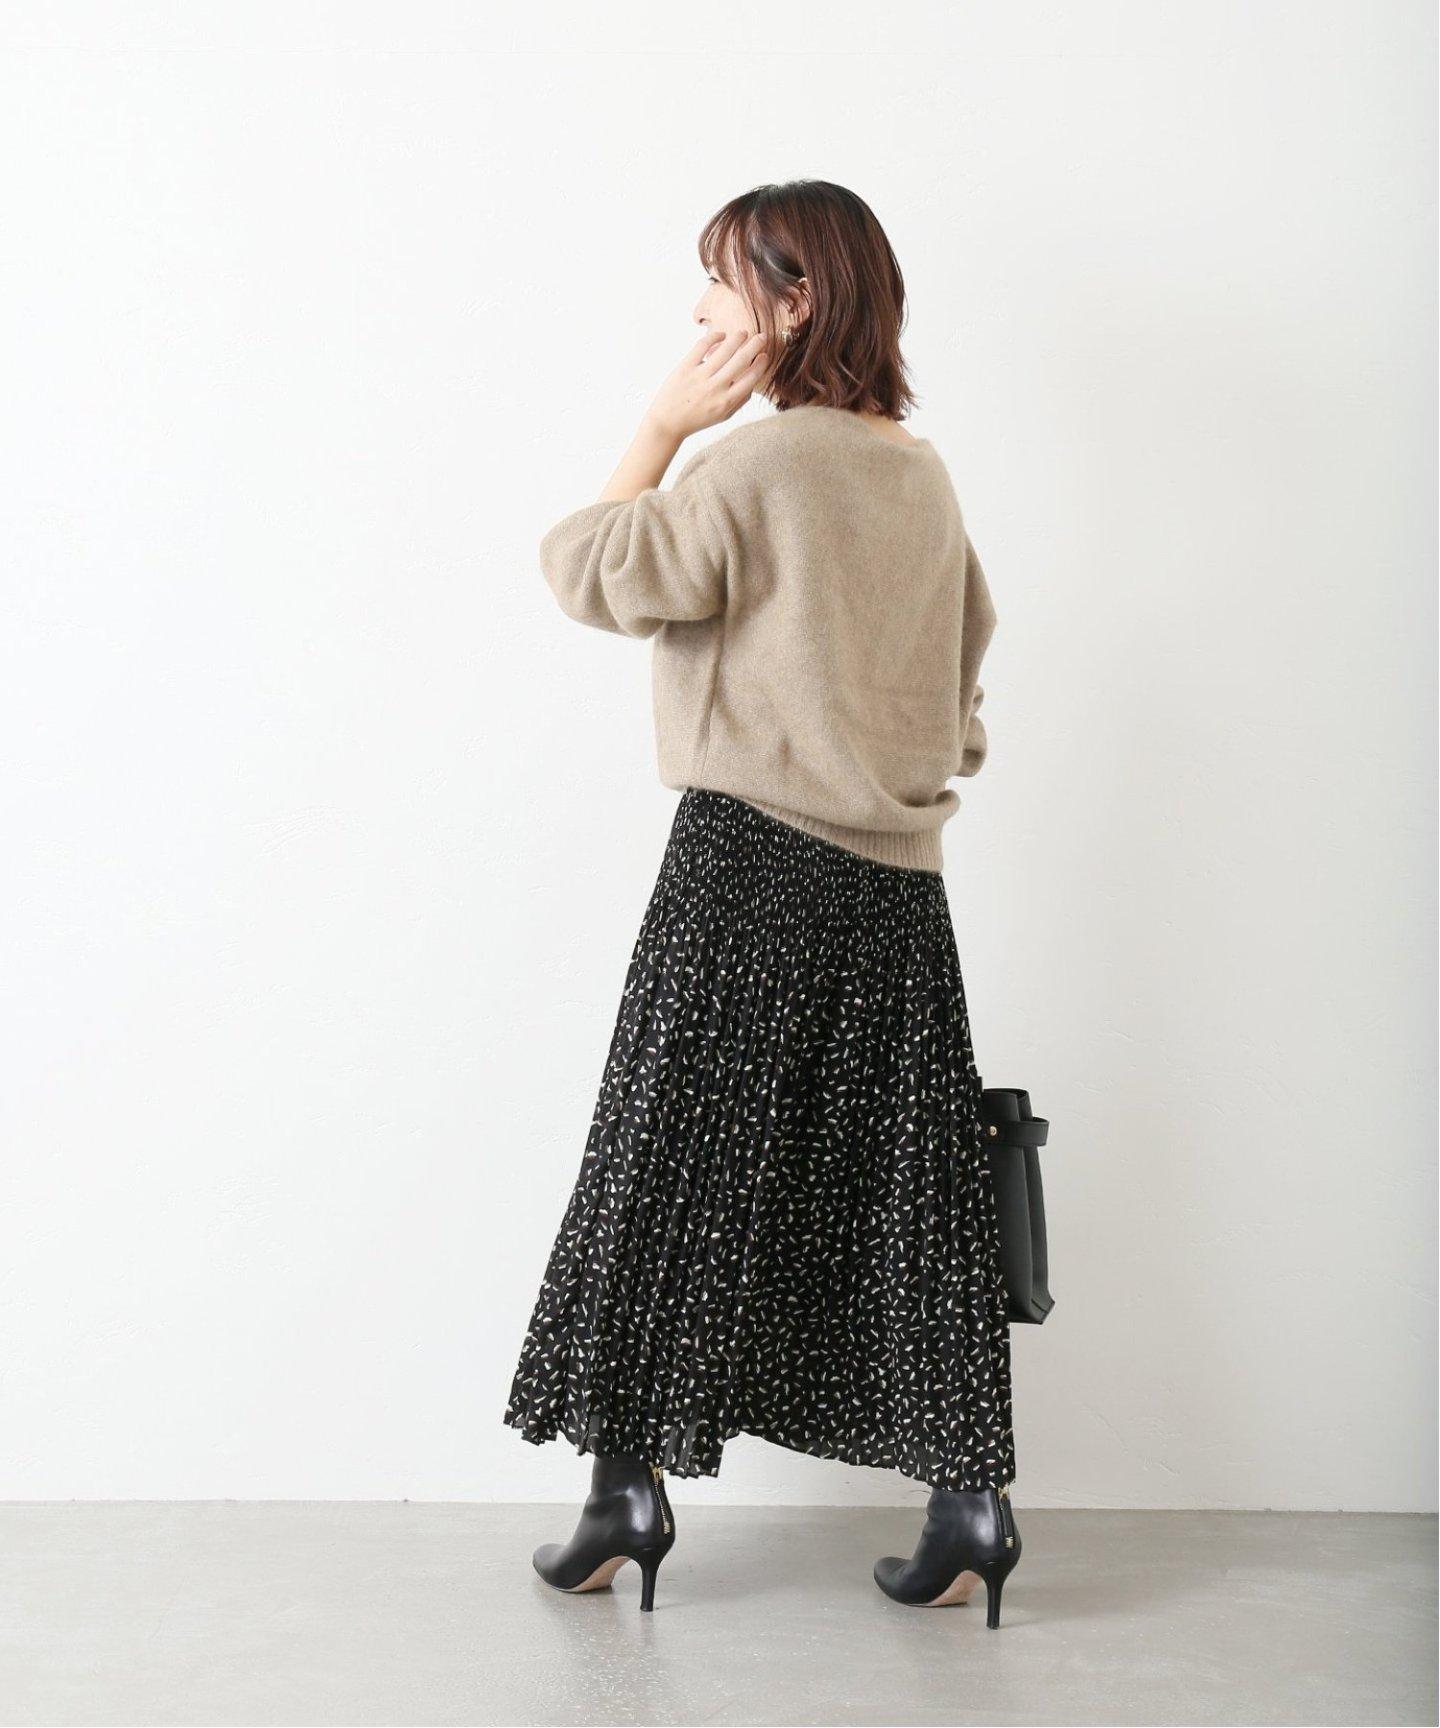 幾何的細小圖騰讓印花長裙俏皮中又多了幾分個性印象